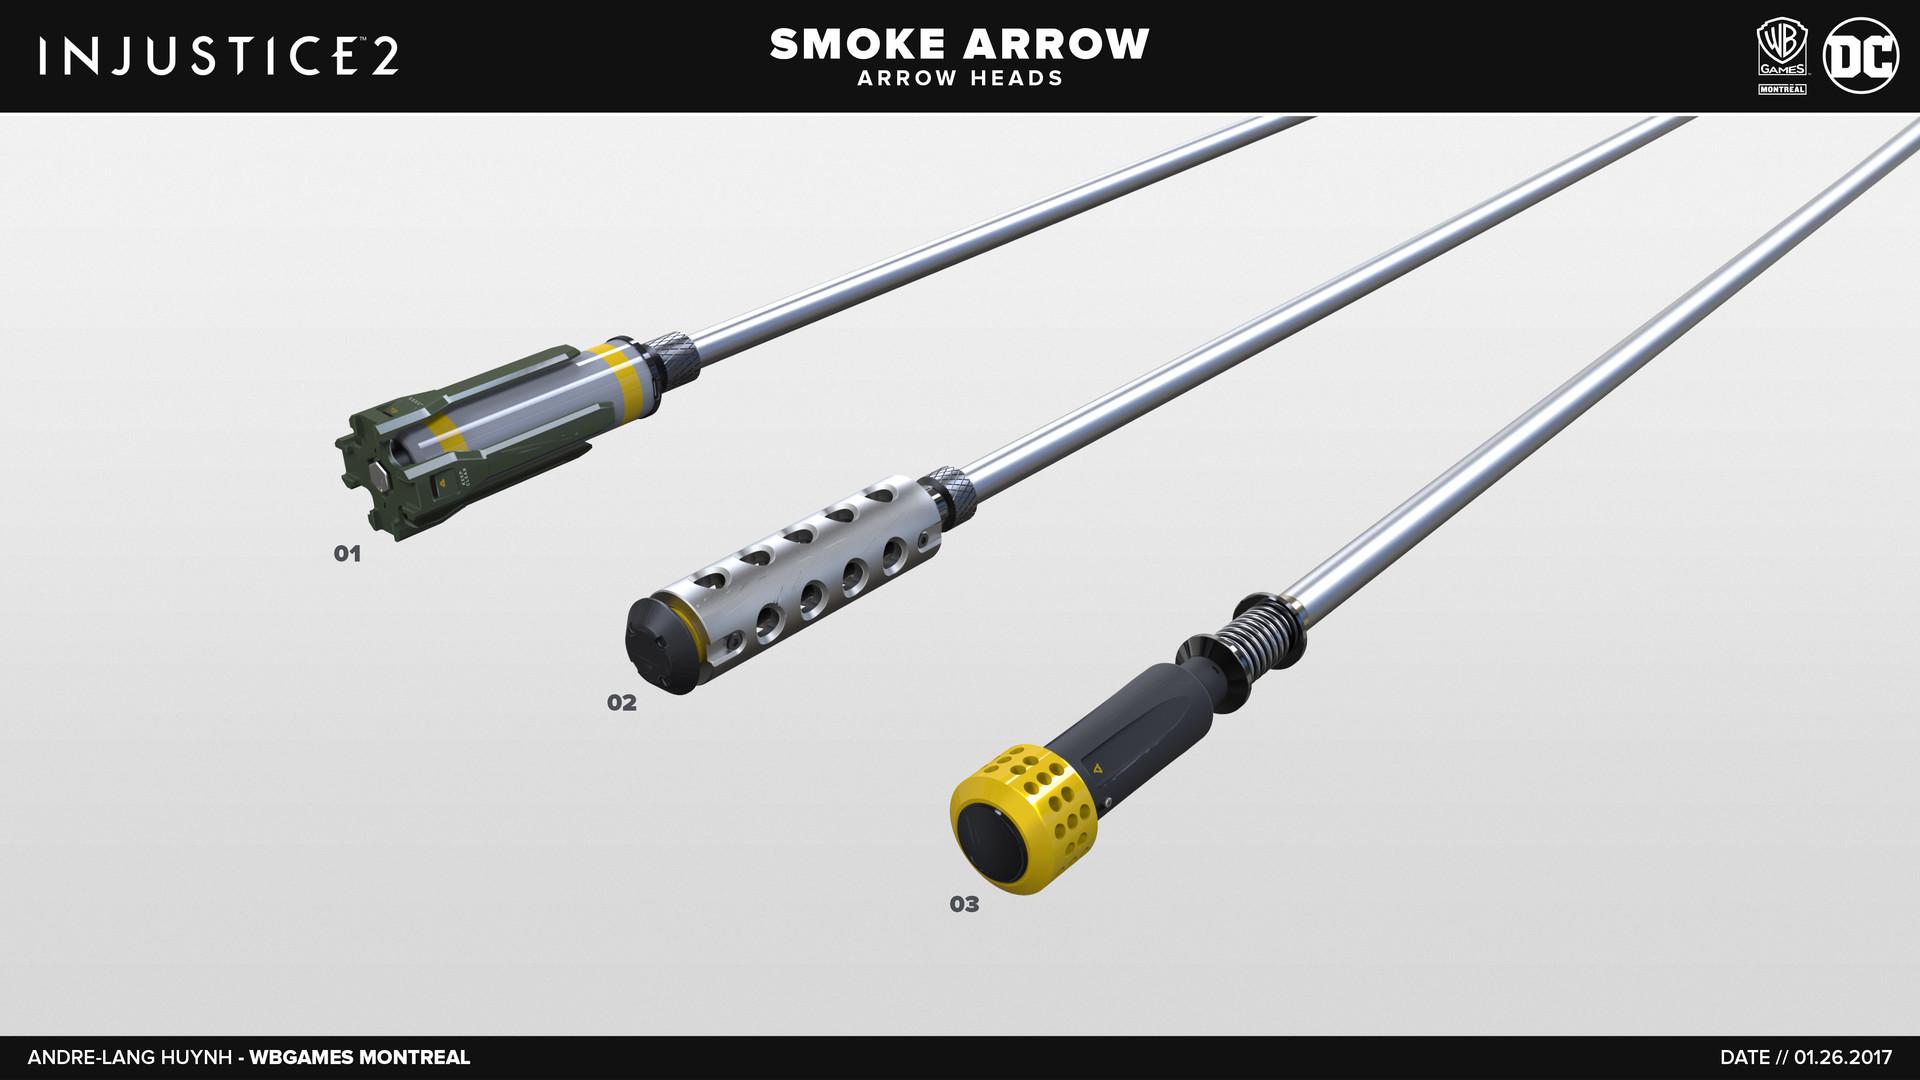 Andre lang huynh smokearrow01 v01